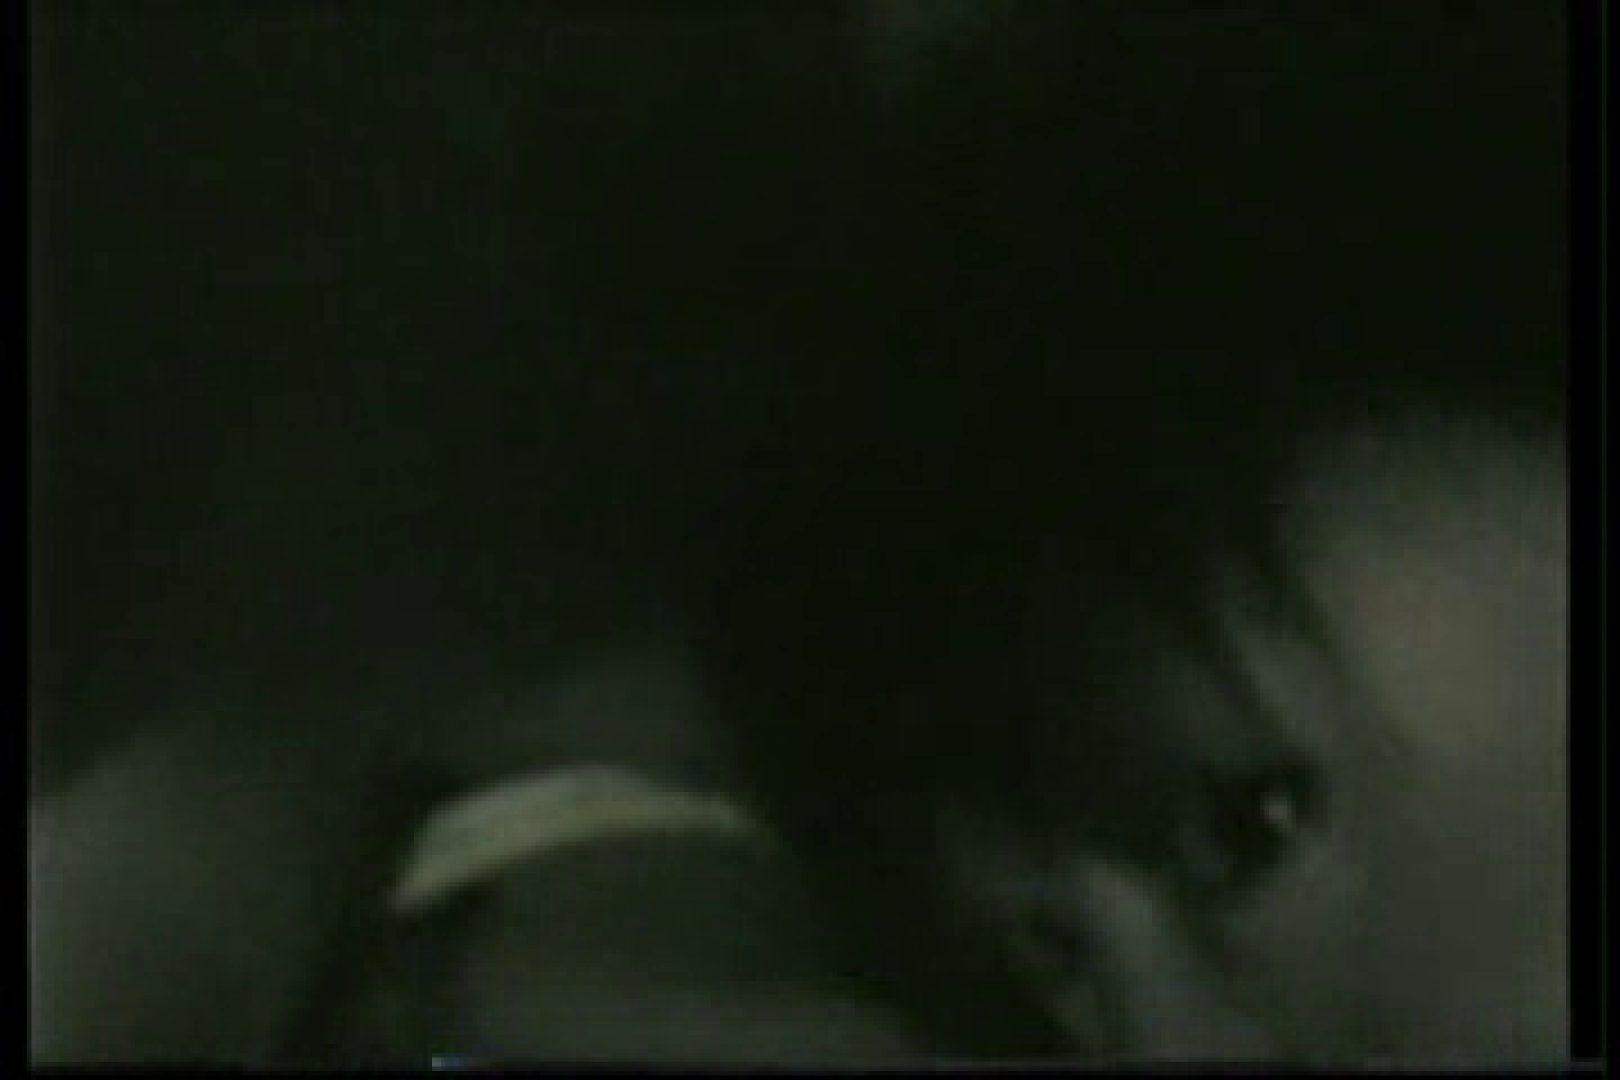 【実録個人撮影】男の子達の禁断の愛欲性活!!vol.02(対女性アナル責め) 責め ゲイエロ画像 105枚 52